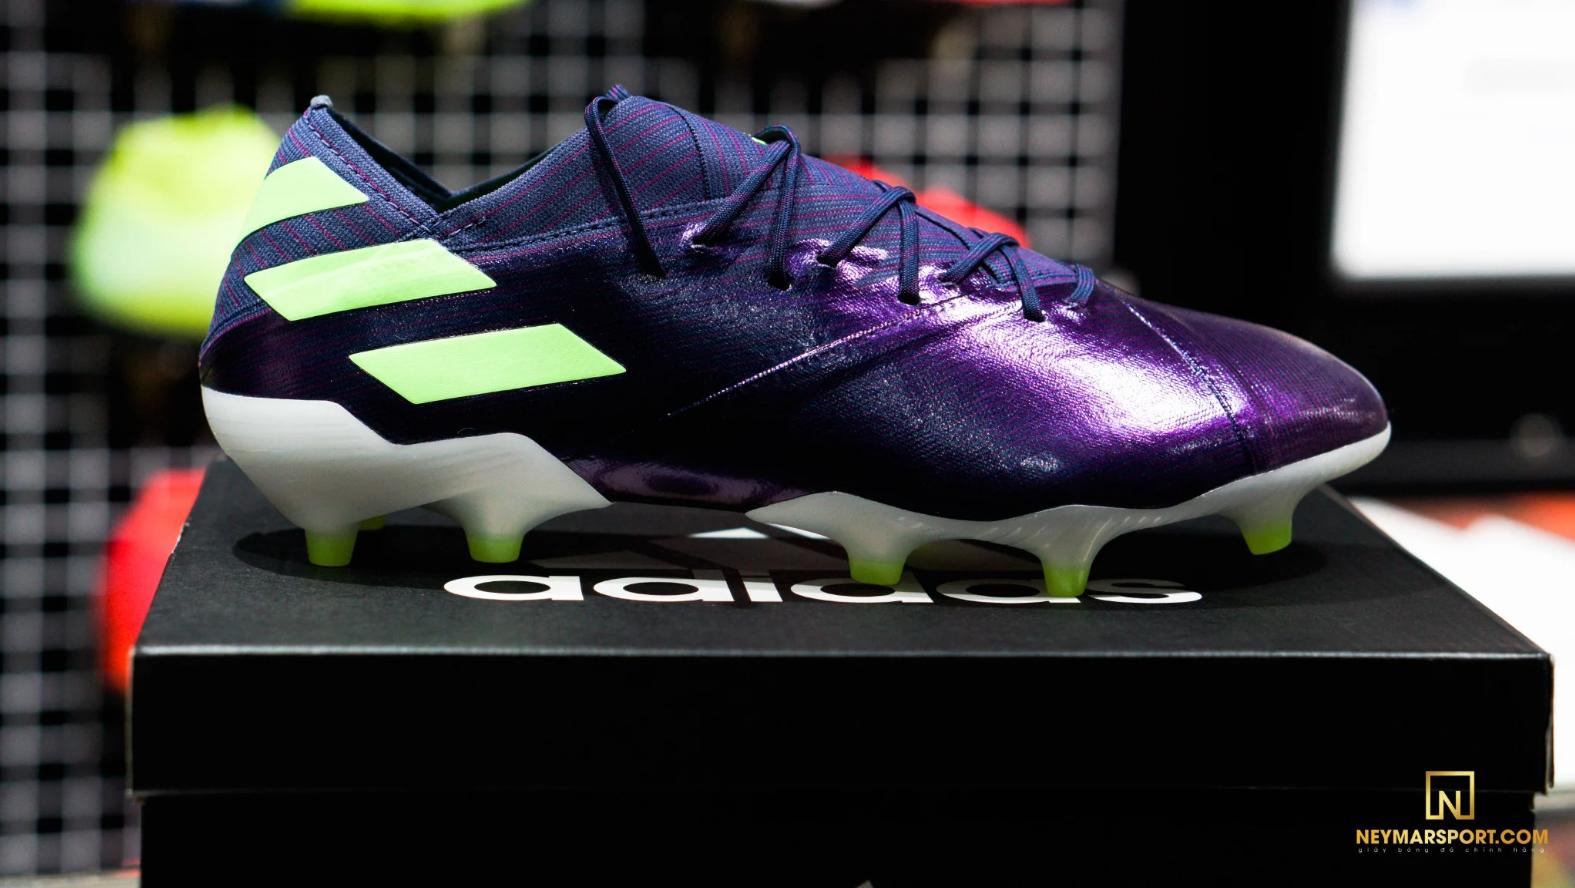 Giày cỏ tự nhiên Adidas Nemeziz Messi 19.1 FG/AG - Tech Ink/Signal Green/Glory Purple